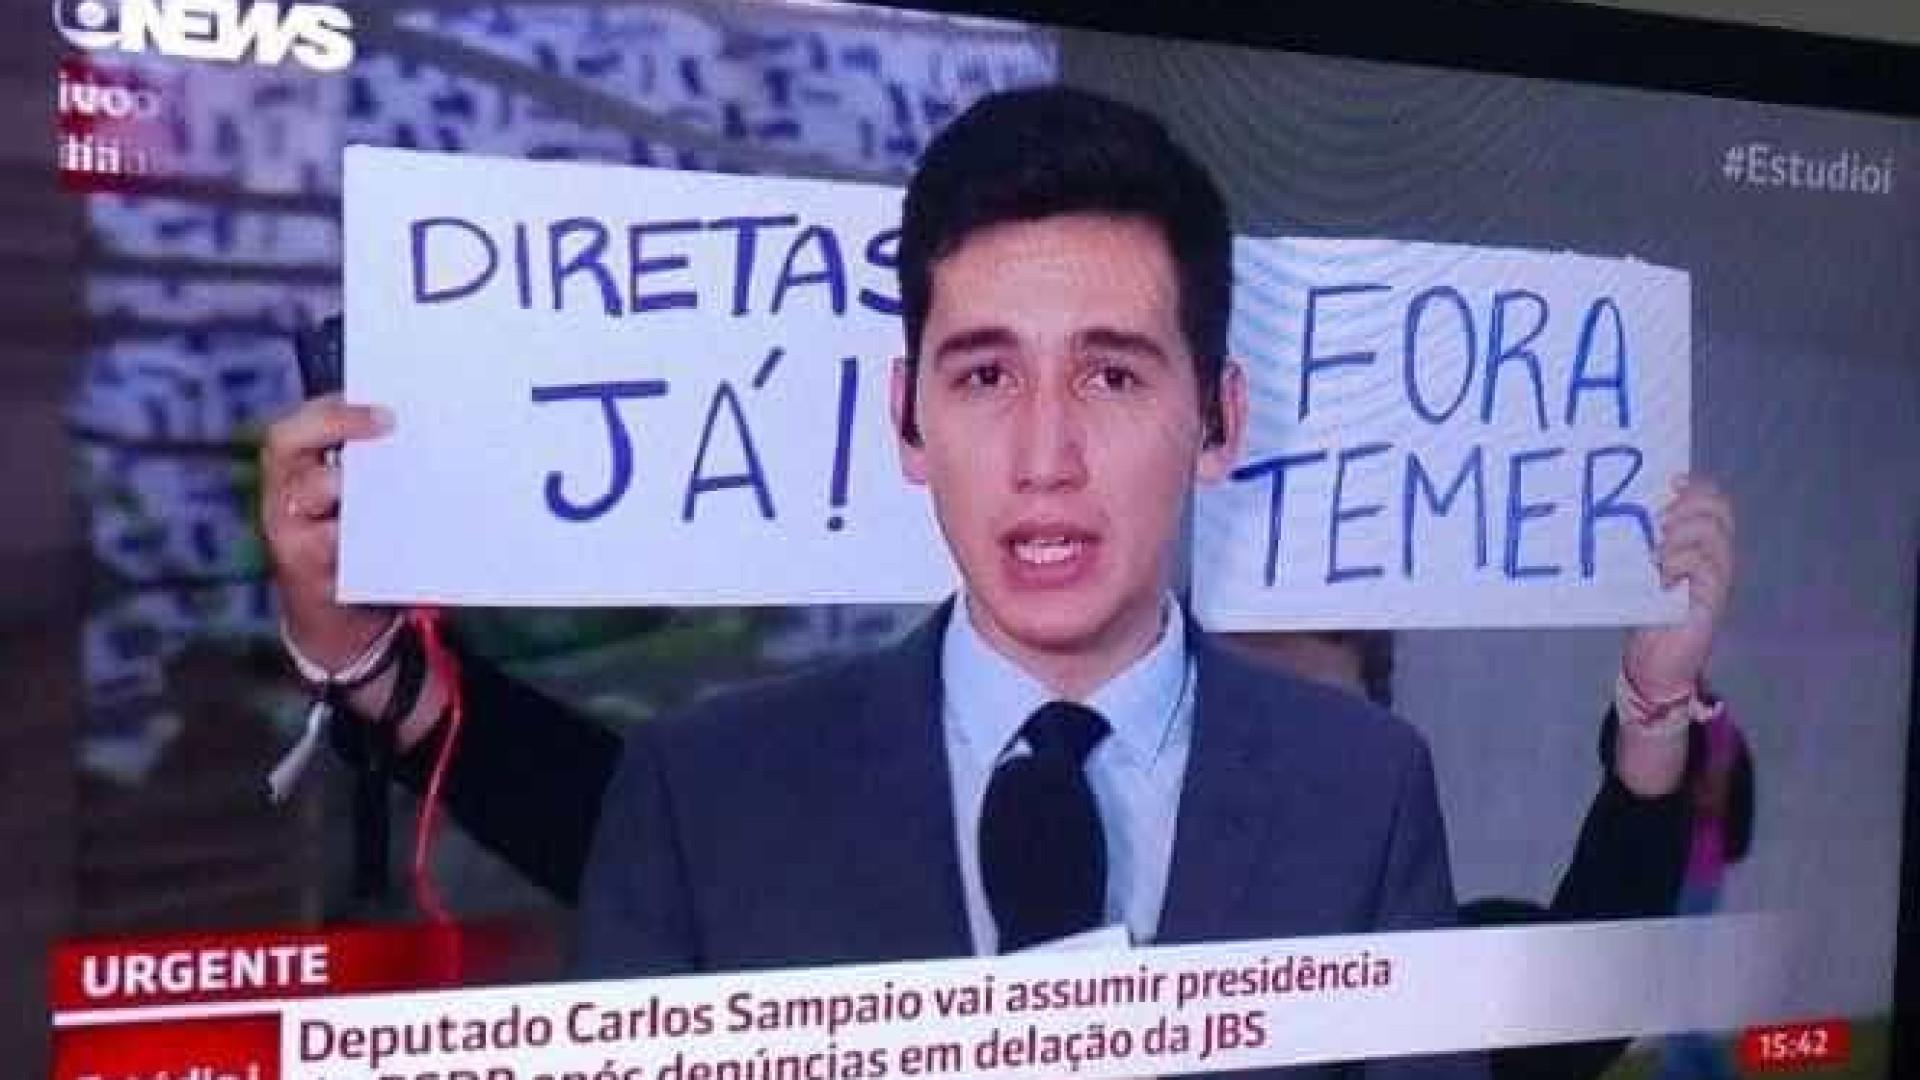 'Fora Temer' e 'Diretas já' invadem transmissão ao vivo da Globonews